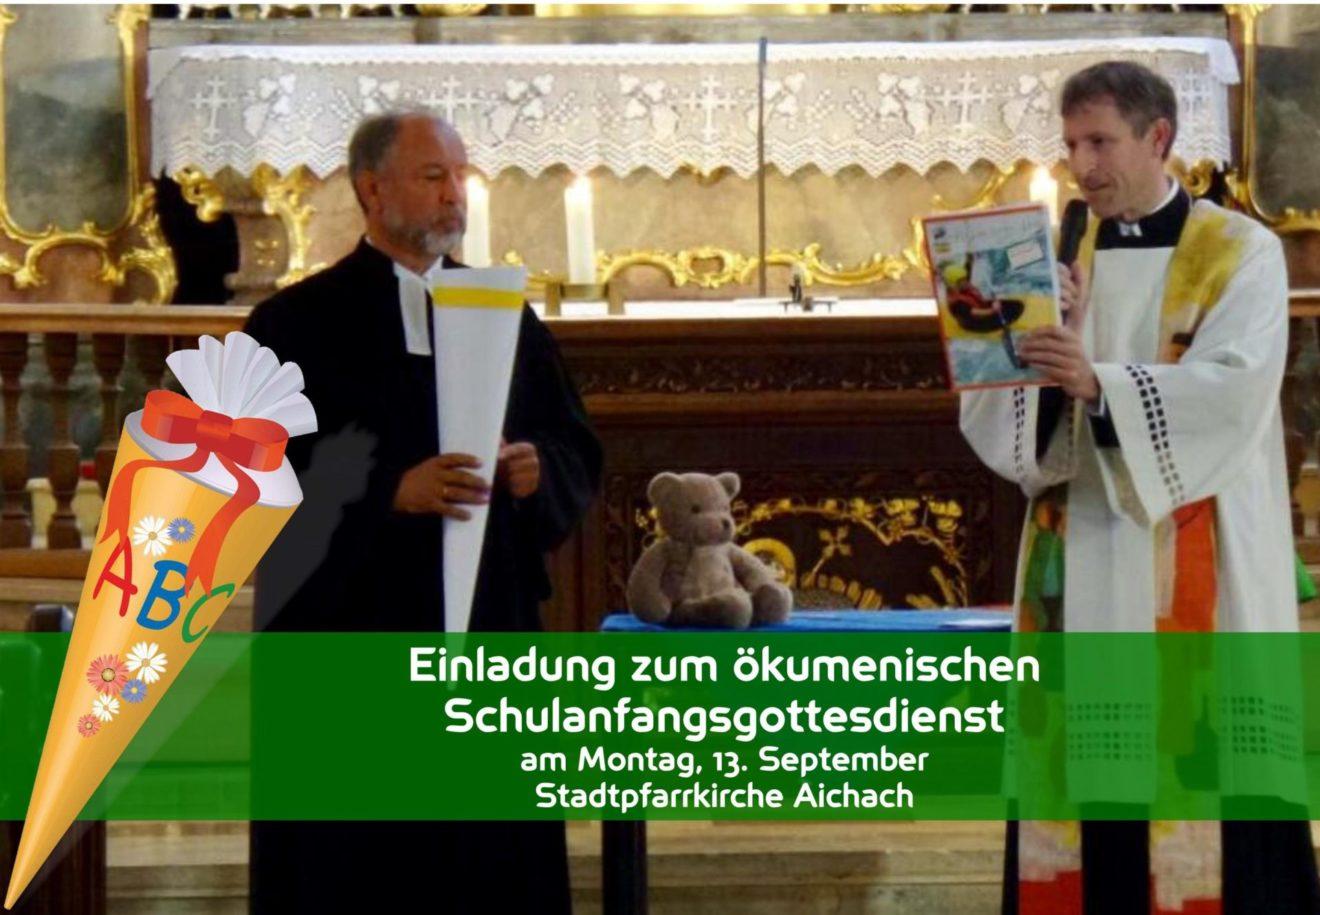 Einladung zum ökumenischen Schulanfangsgottesdienst